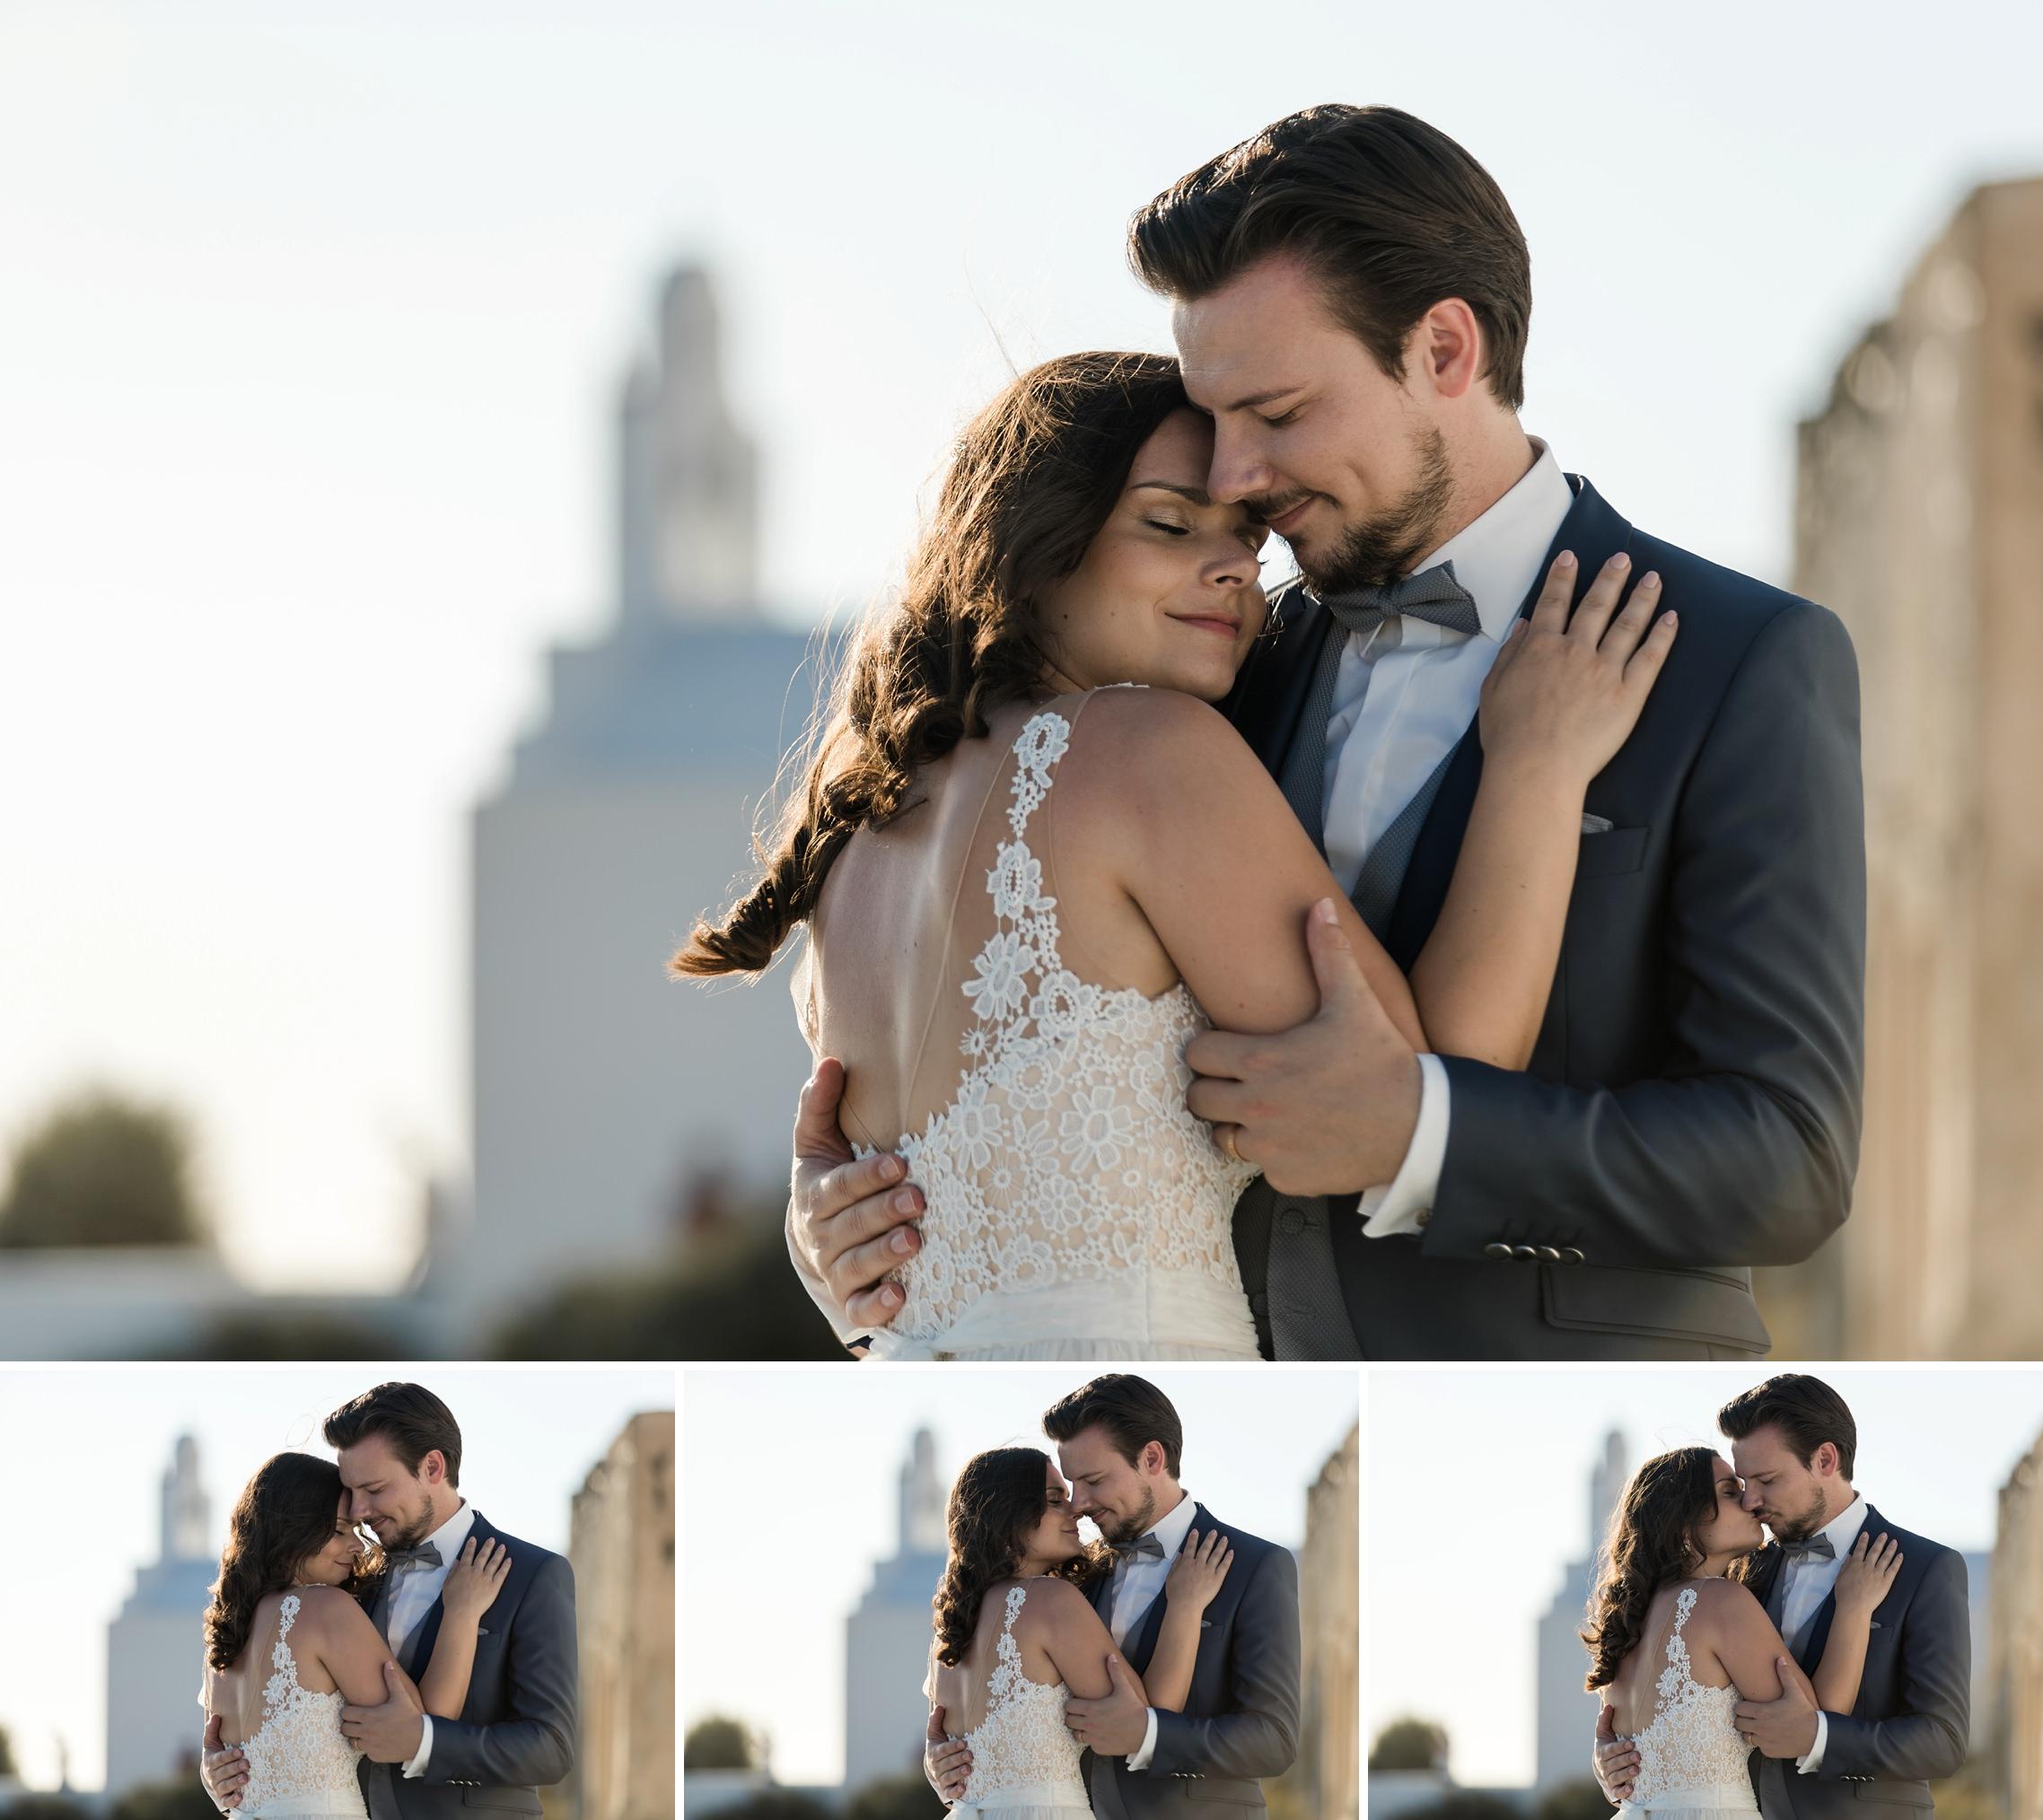 After-Wedding-Shooting Santorini: Braut und Bräutigam küssen sich bei tiefstehender Sonne auf Santorini. Bilderfolge mit vier Fotos.